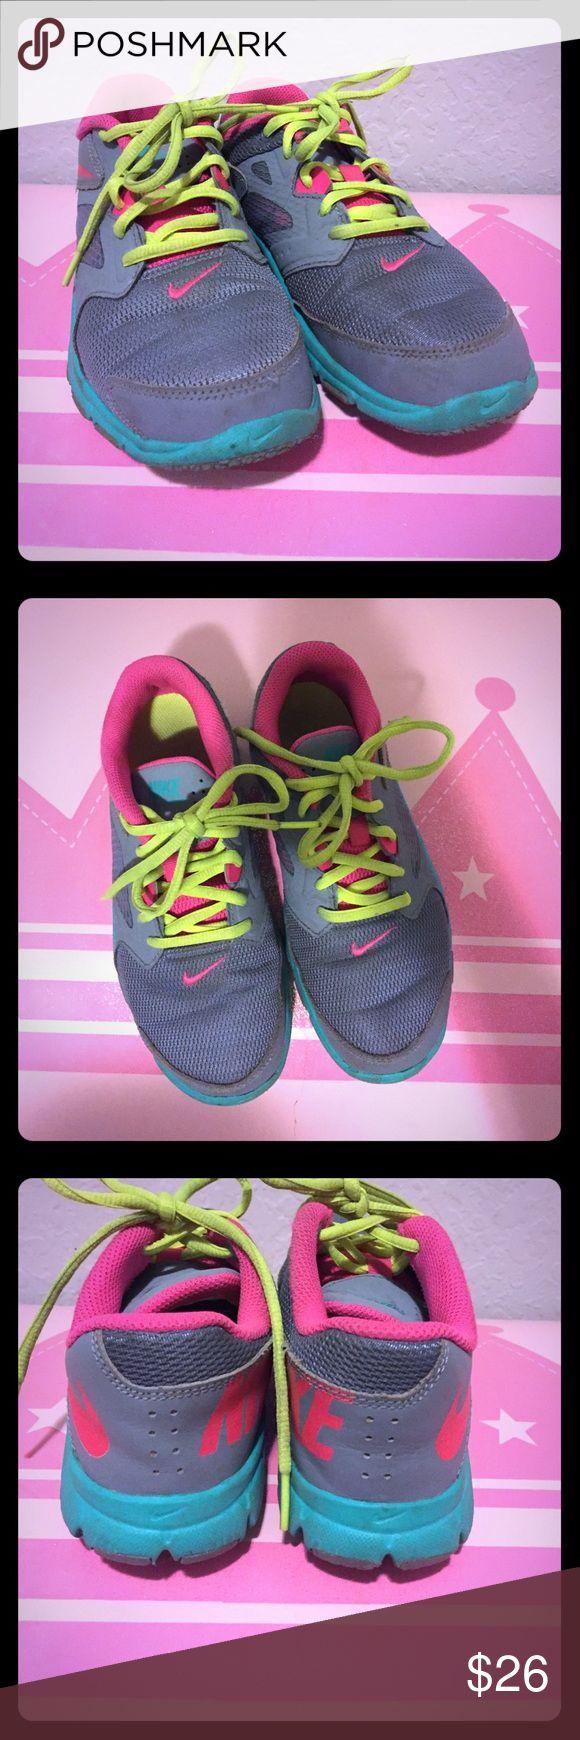 Super cute Nike shoes for girls Super cute Nike shoes for girls size 2.5 Nike Shoes Sneakers